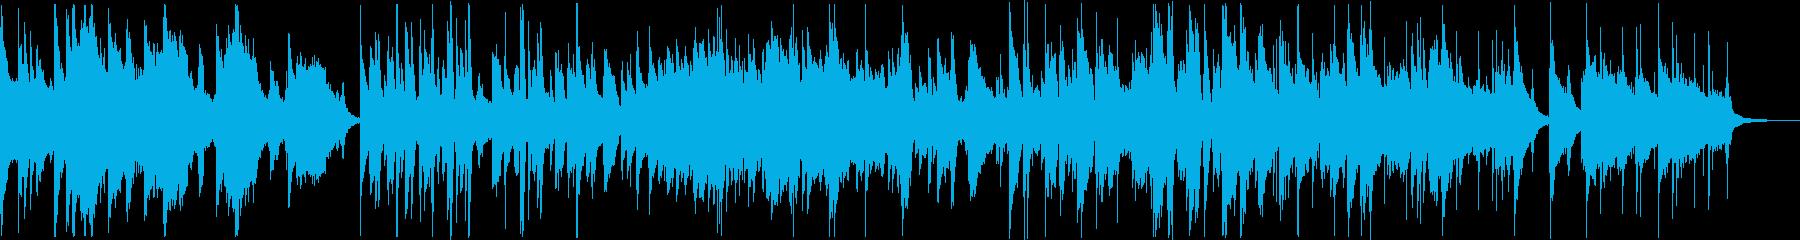 ムーディーなジャズバラードです。の再生済みの波形